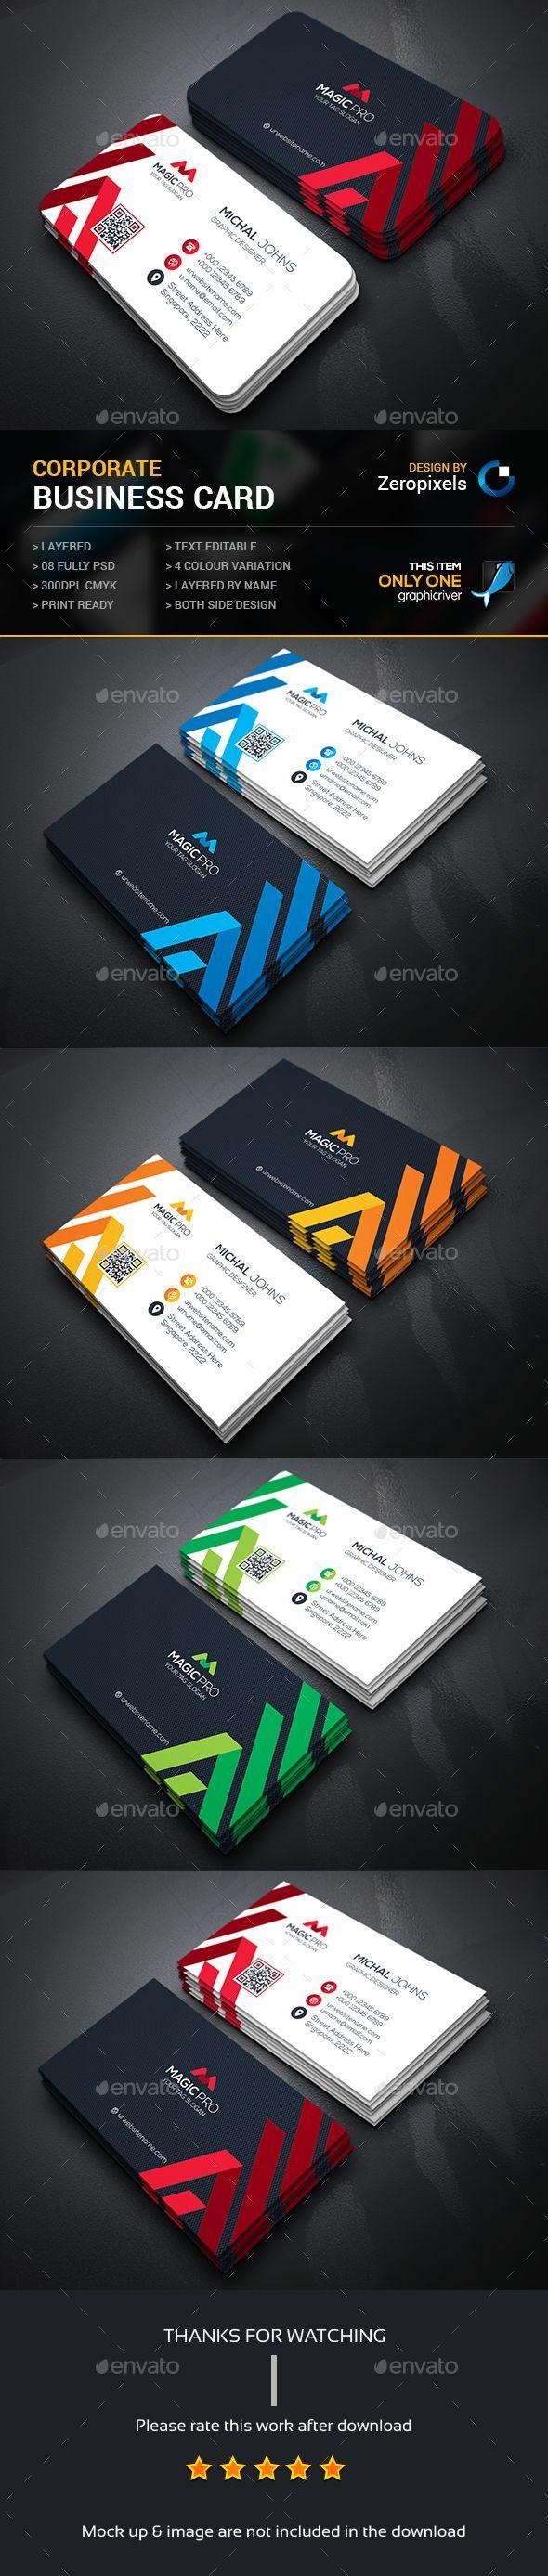 Modern Business Card Template PSD Download Here Graphicrivernet - Download business card template psd